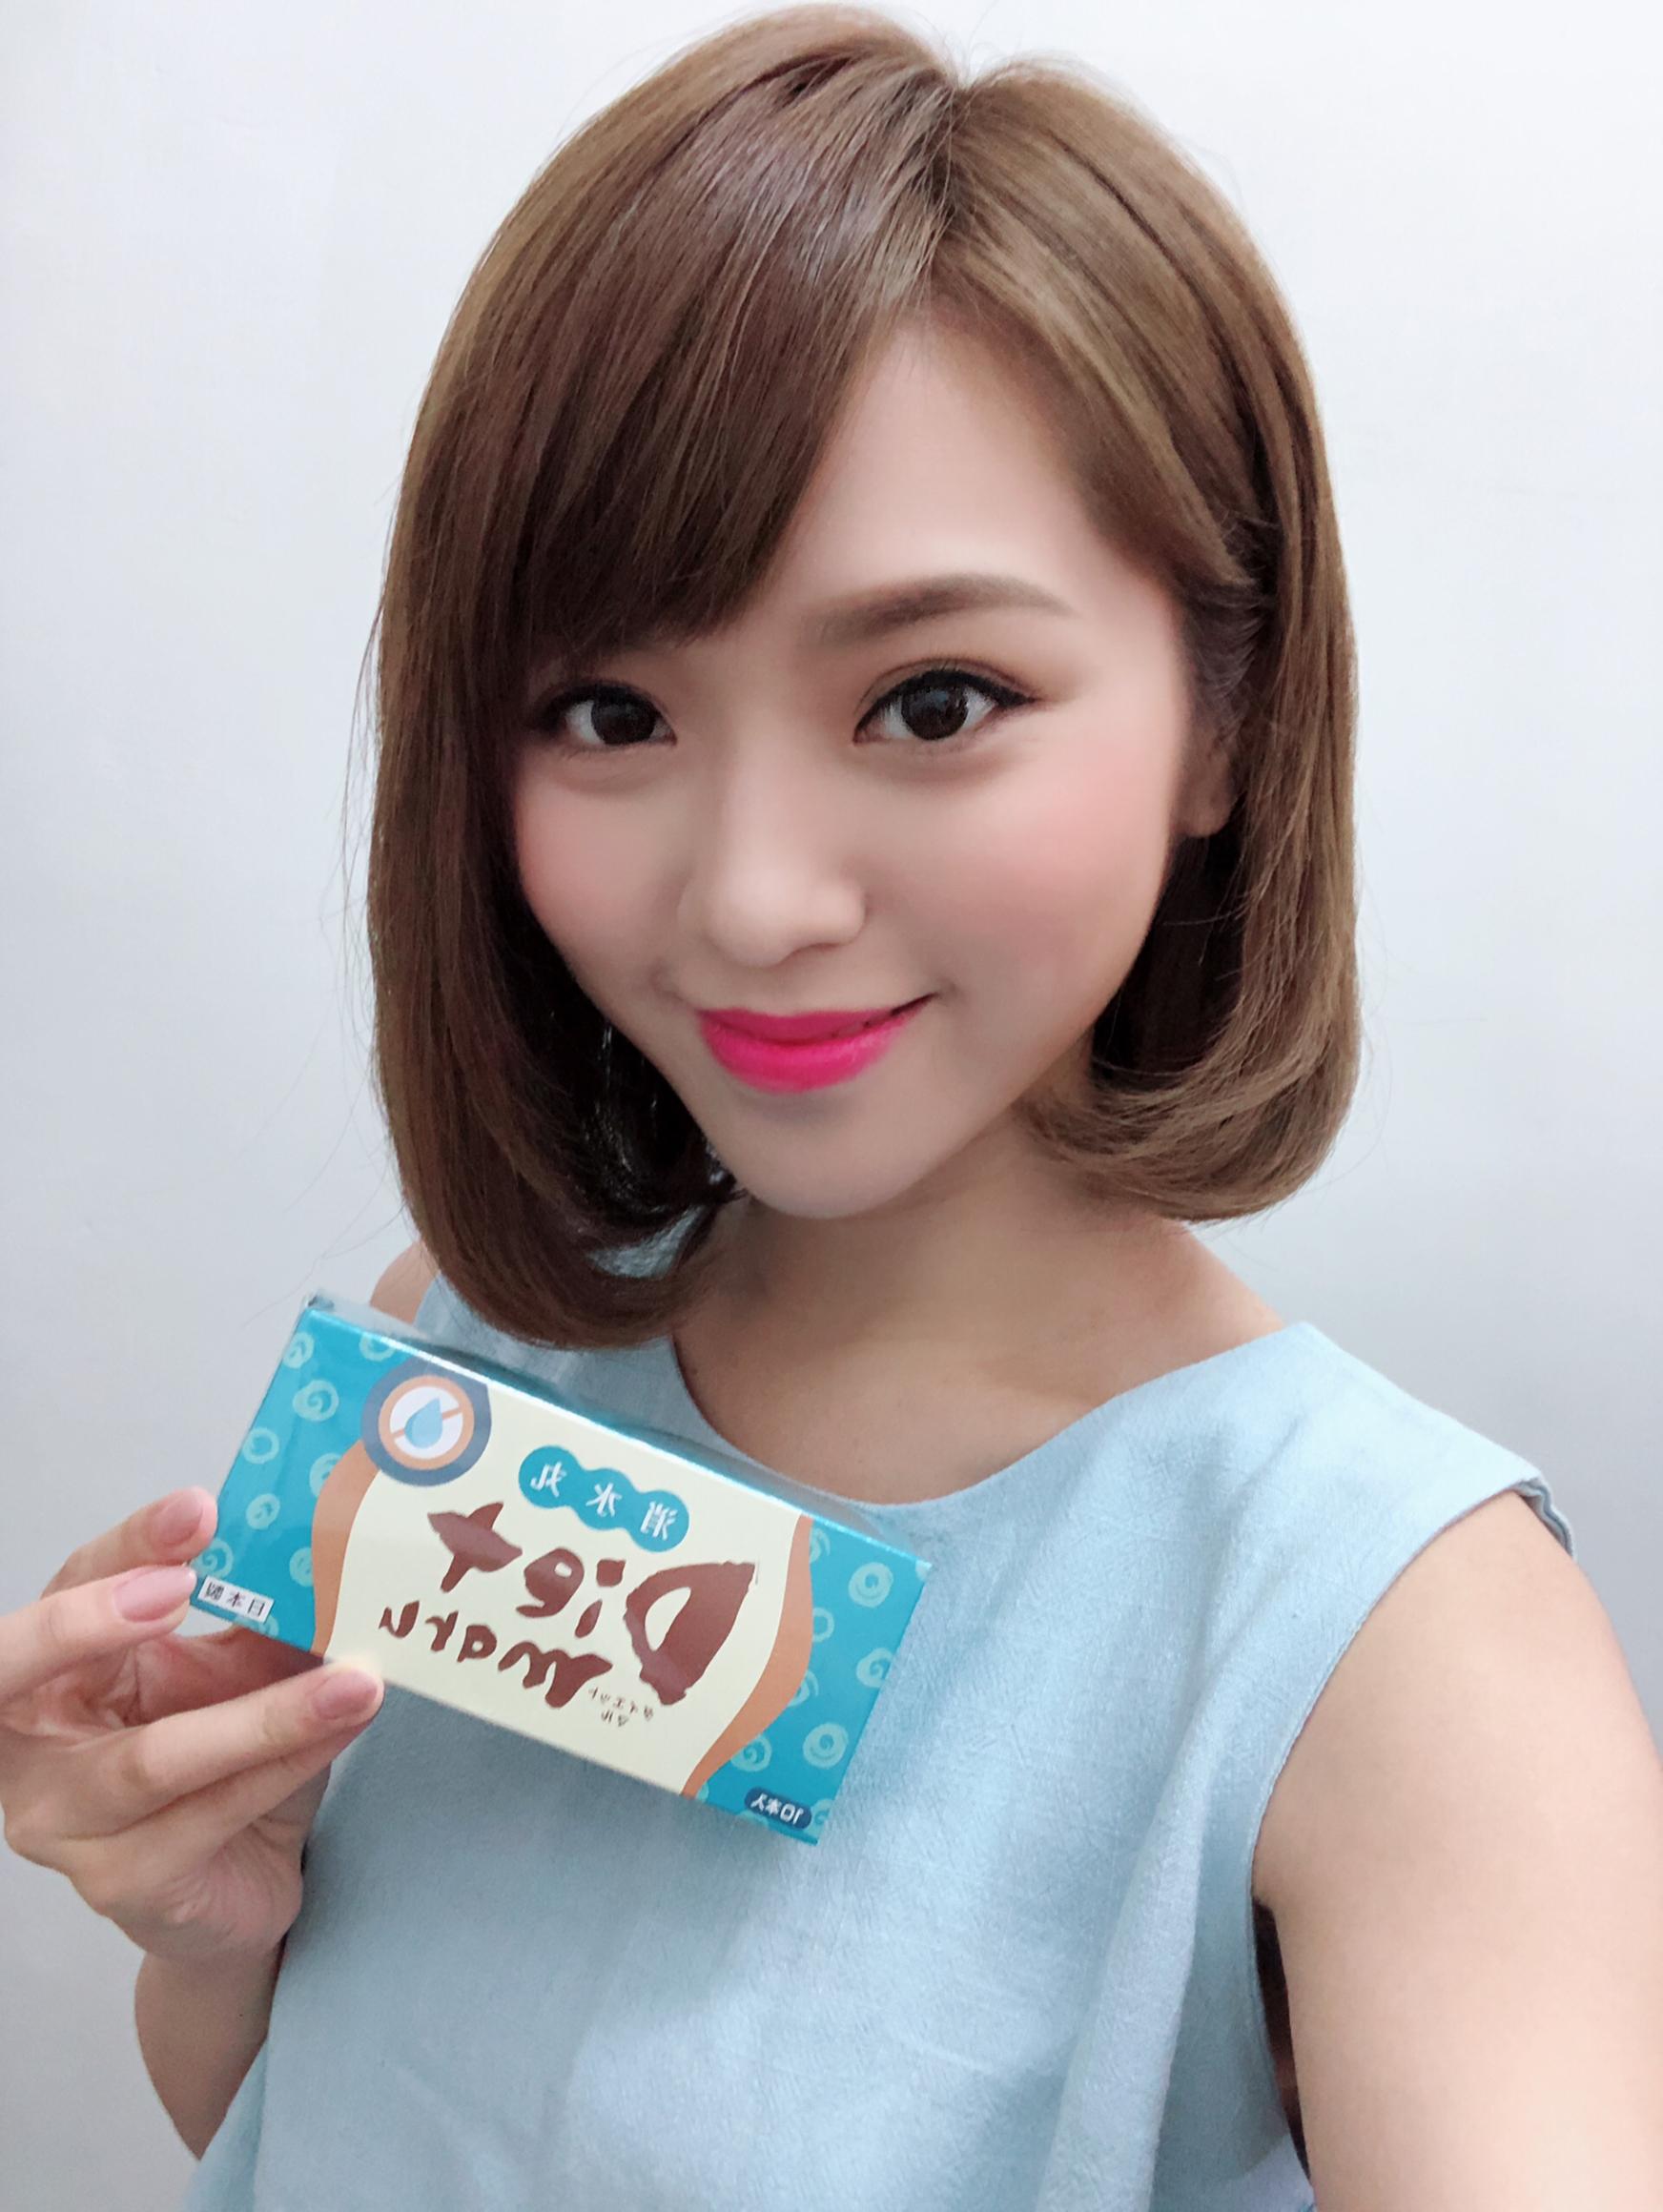 Diet Maru消水丸 廣告拍攝日